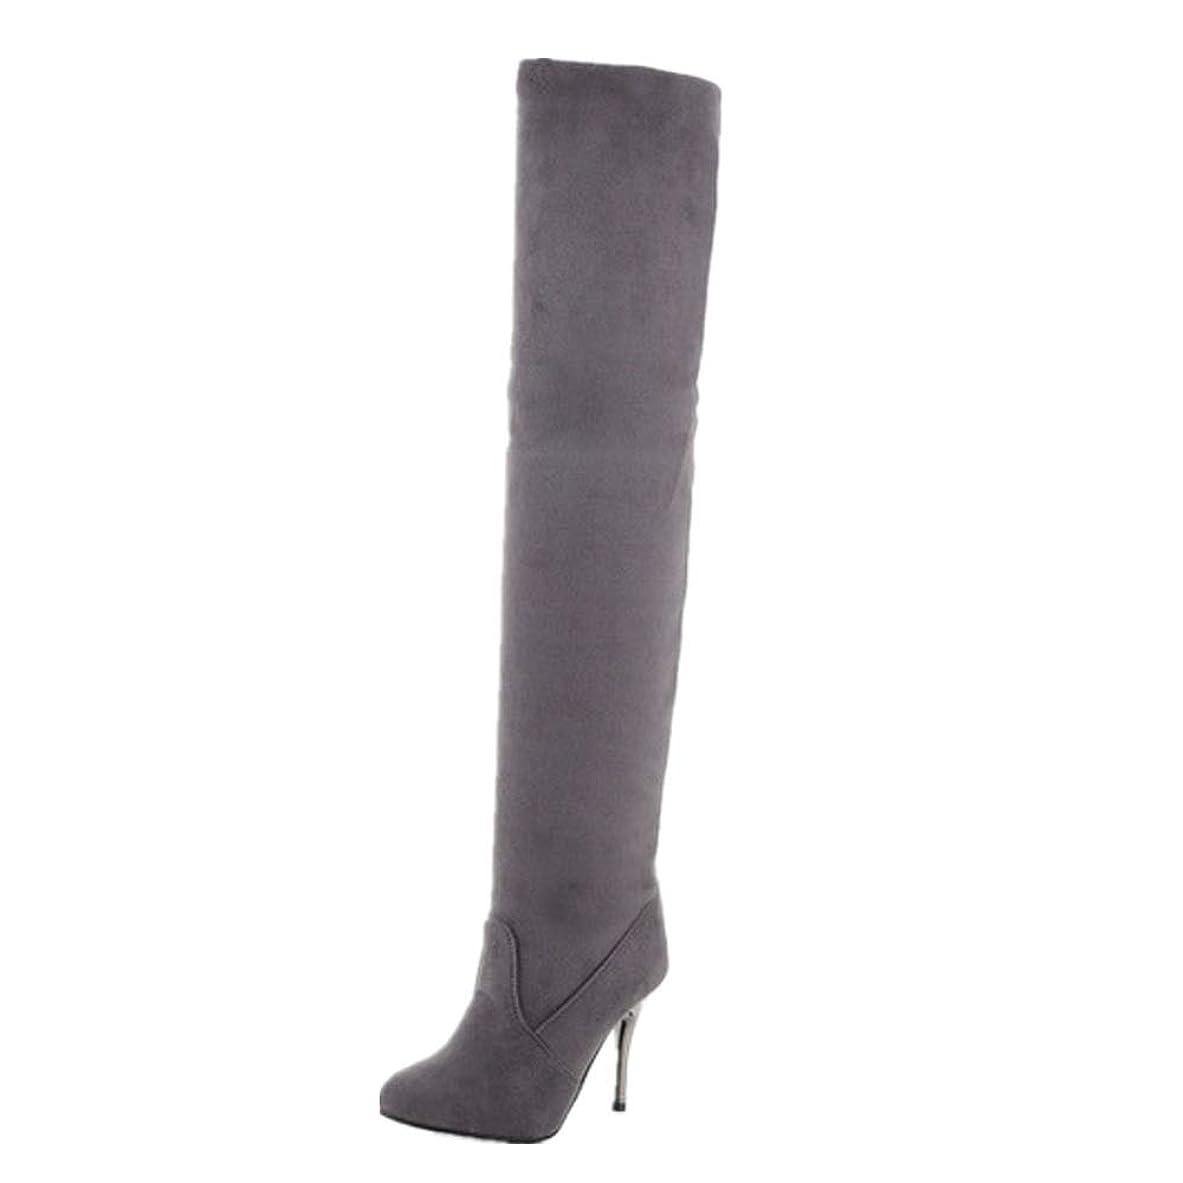 寝室を掃除する去る遵守する女性のスーパーハイヒール防水プラットフォームは、膝の上でセクシーなブーツ2018秋と冬新しい尖った女性のストレッチヒールの高いブーツ (色 : Gray Plus velvet, サイズ : 46)